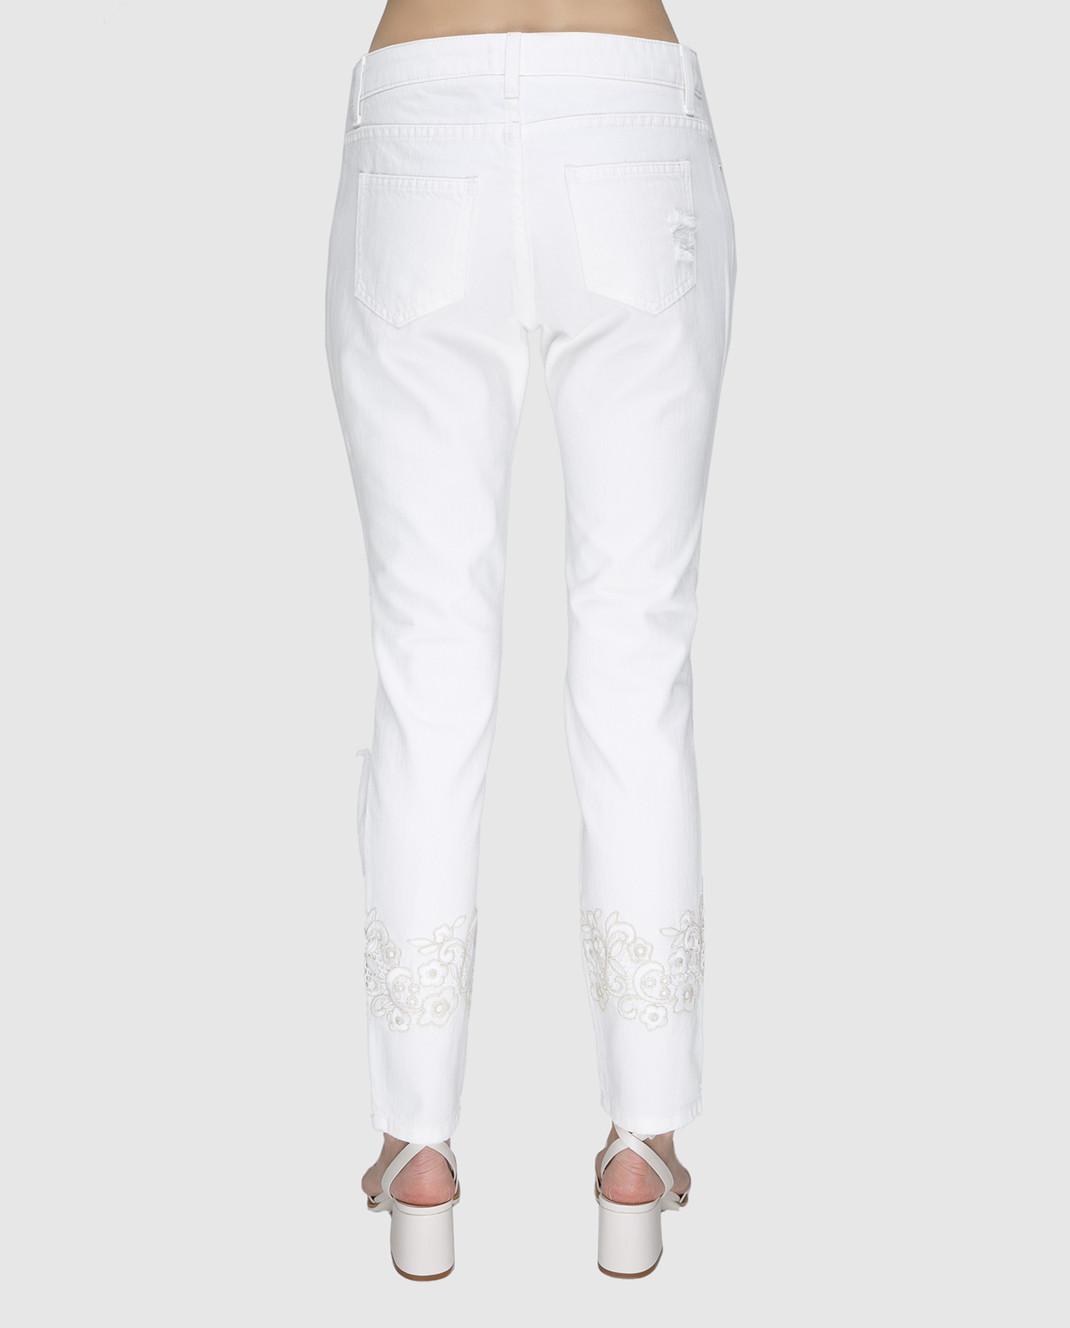 Ermanno Белые джинсы JL09 изображение 4